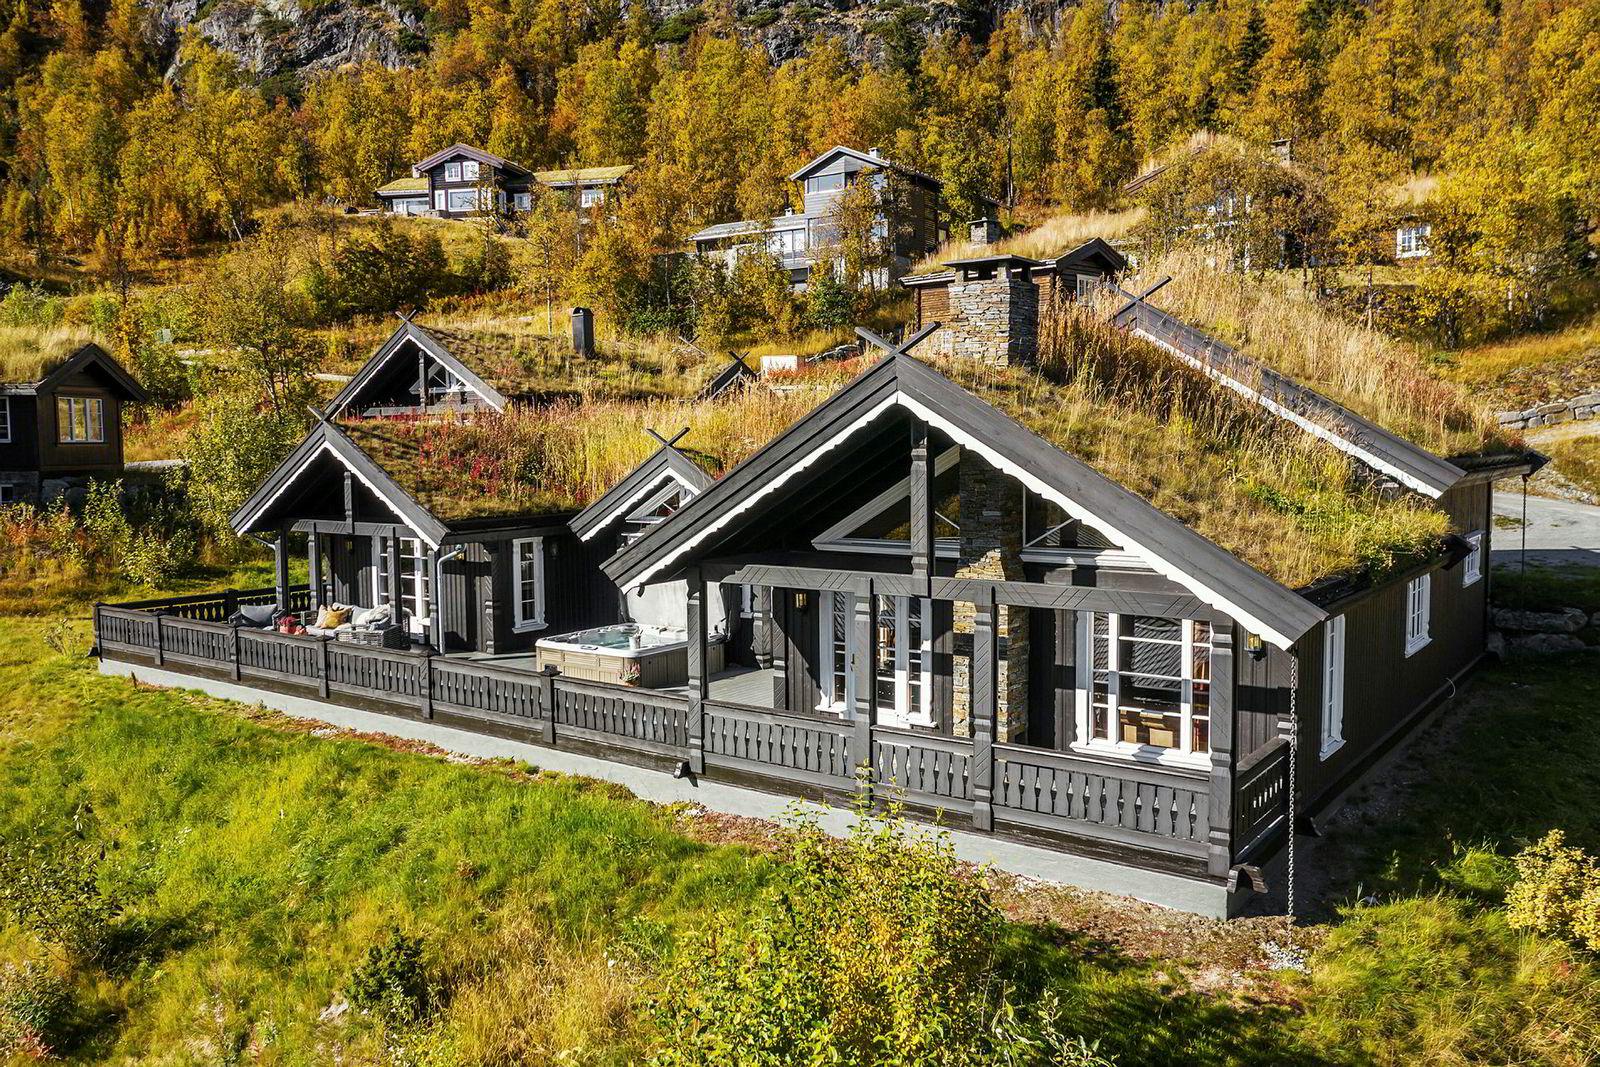 Vardetunet i Hemsedal ble solgt etter bare noen dager. Den lå ute med en prisantydning på 12,5 millioner kroner.